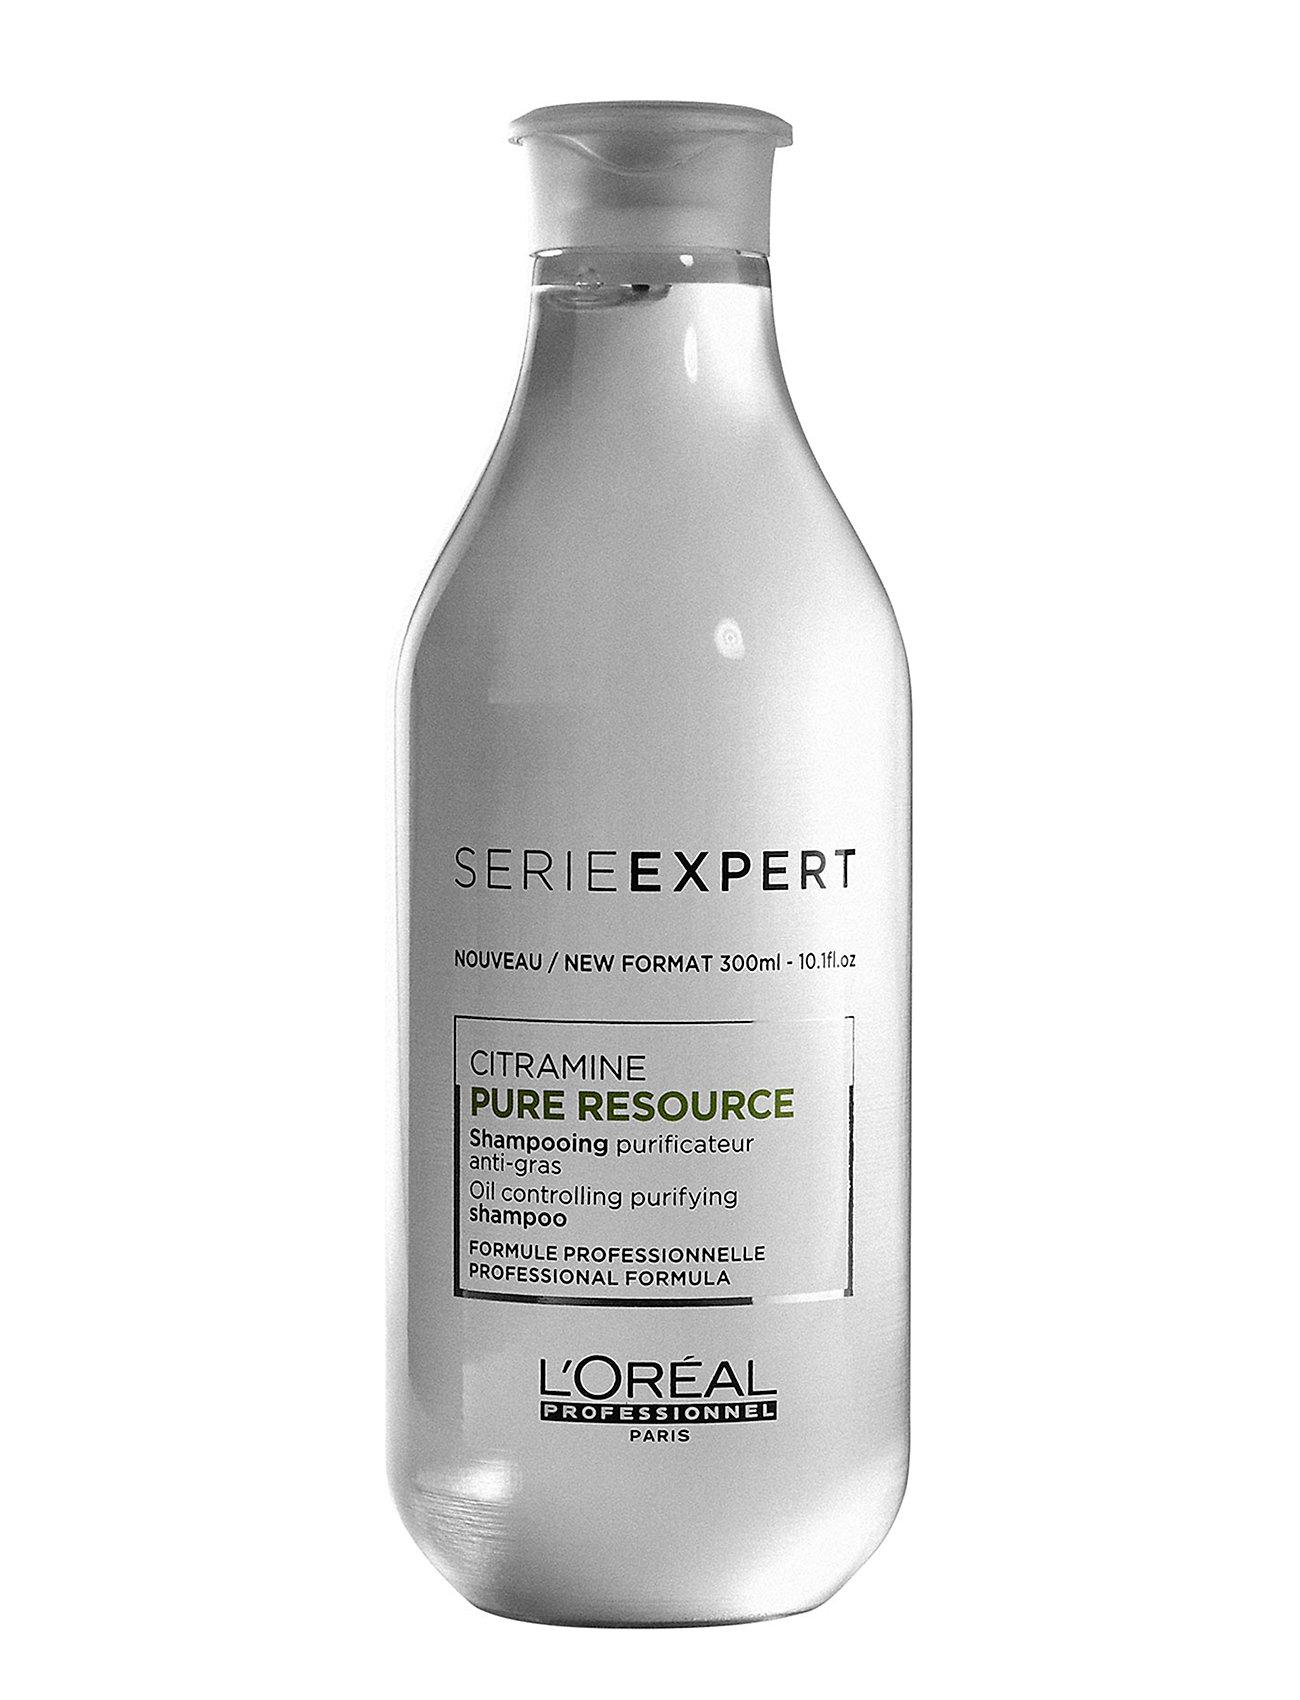 L'OréAl Professionnel Scalp Pure Resource Shampoo - L'Oréal Professionnel